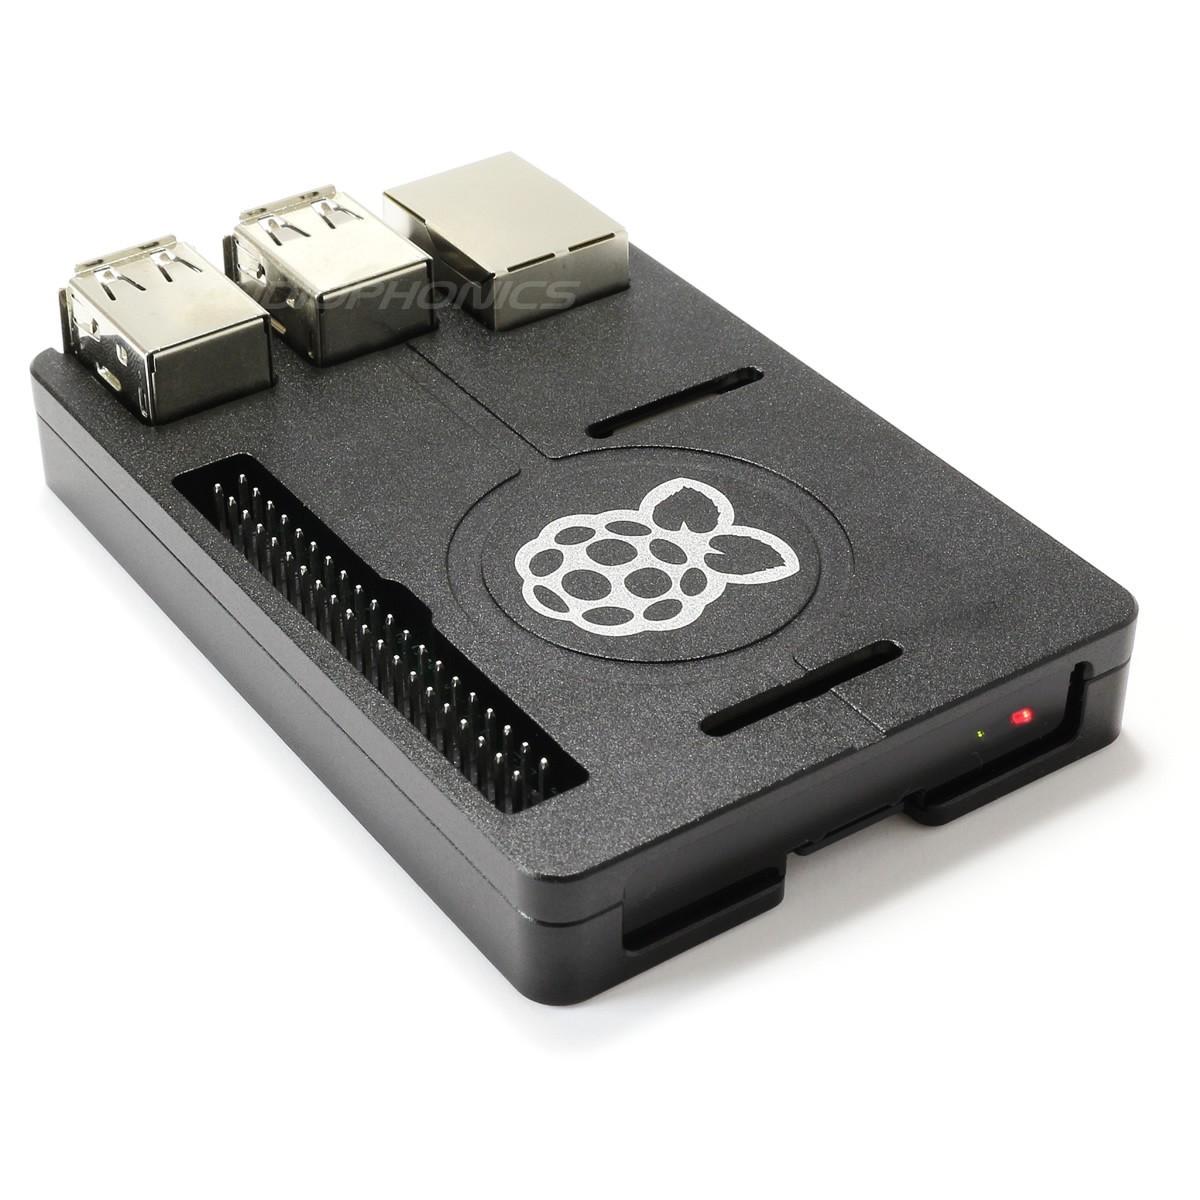 KIT Boitier Ultra Plat Aluminium pour Raspberry Pi 3 / Pi 2